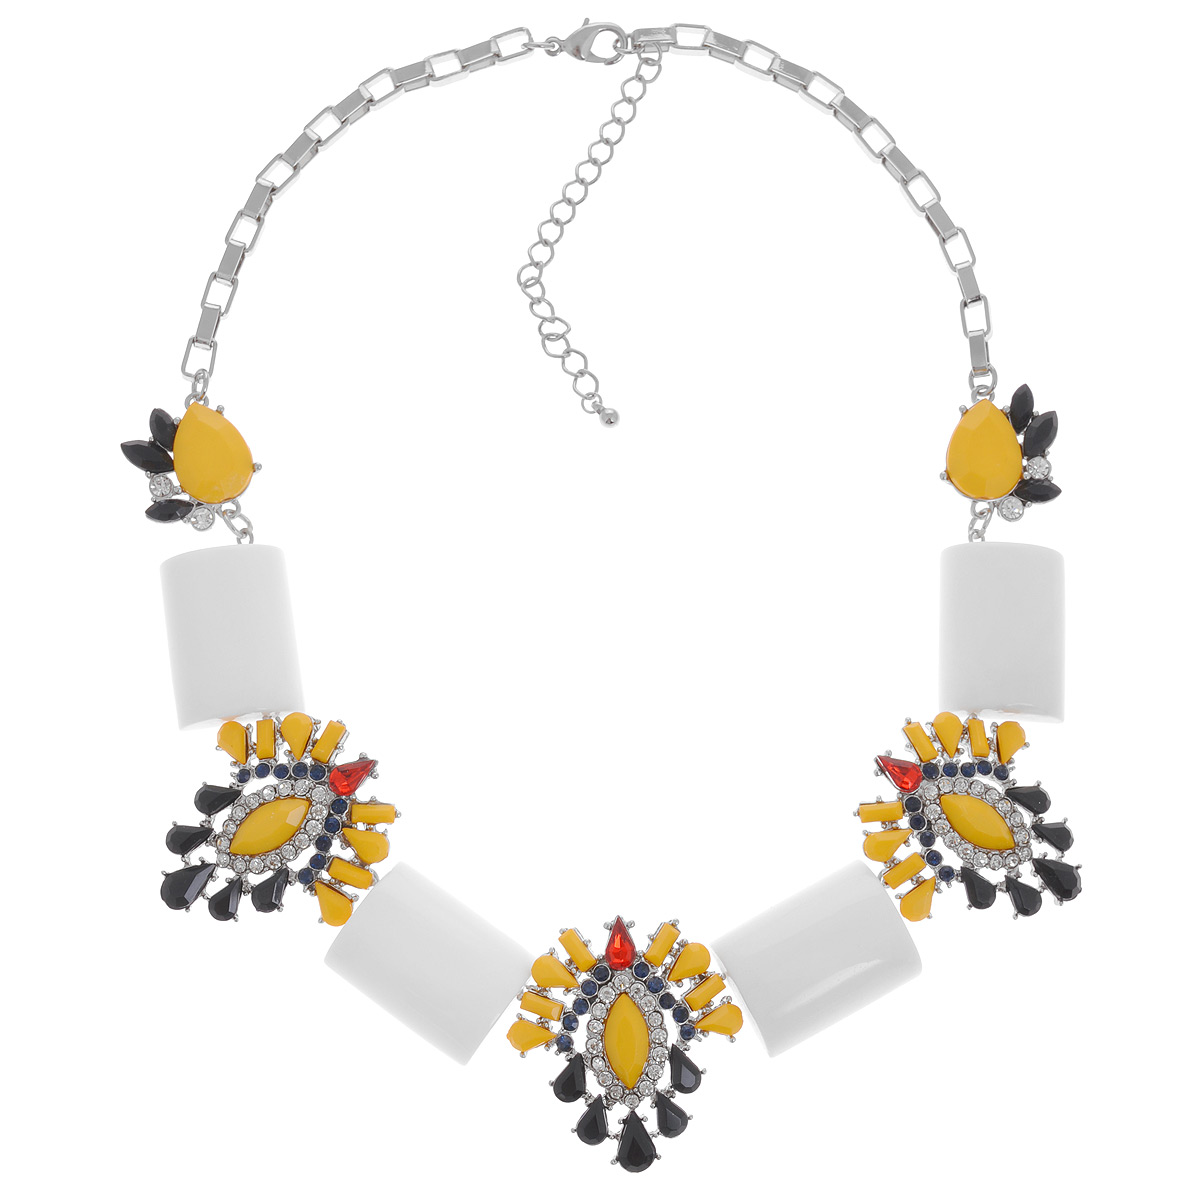 Колье Avgad, цвет: белый, желтый, черный. H-477S827Колье (короткие одноярусные бусы)Оригинальное колье Avgad выполнено в виде девяти оригинальных элементов из ювелирного сплава, соединенных между собой, и дополненных оригинальной цепочкой. Три центральных фигурных элемента колье оформлены в едином стиле и дополнены разноцветными камнями из стекла и акрила. Колье застегивается на практичный замок-карабин, длина изделия регулируется за счет дополнительных звеньев в цепочке.Такое колье позволит вам с легкостью воплотить самую смелую фантазию и создать собственный, неповторимый образ.